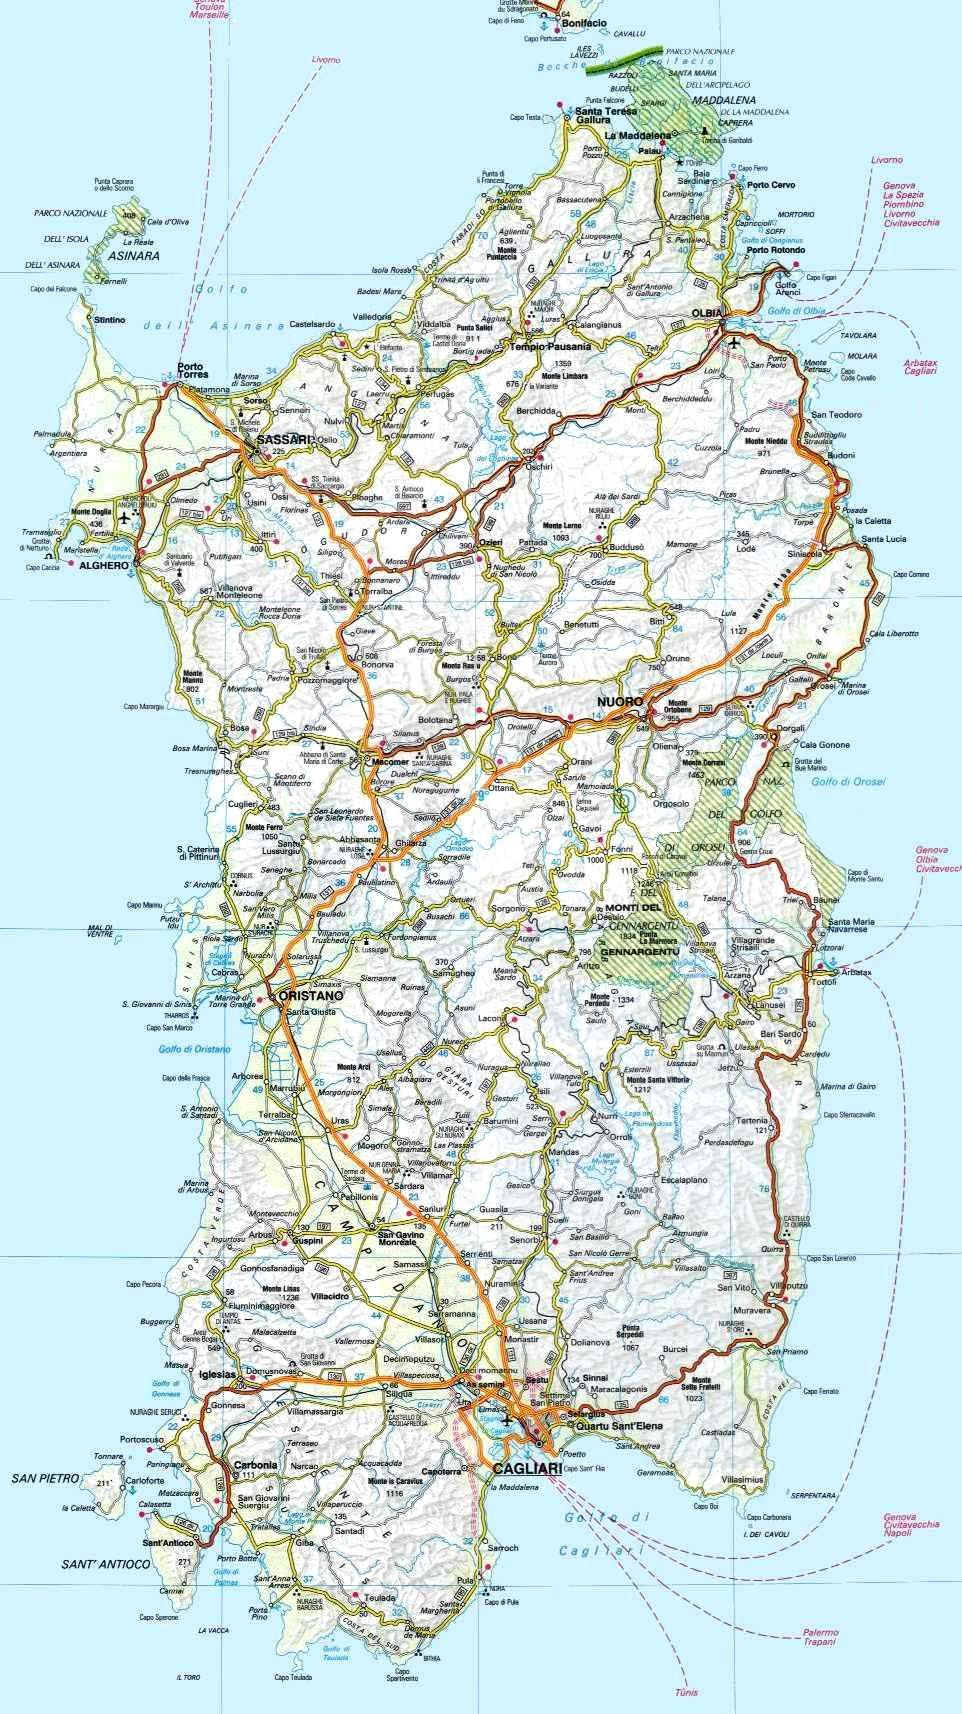 Cartina Sardegna Grande.Geografia Della Sardegna